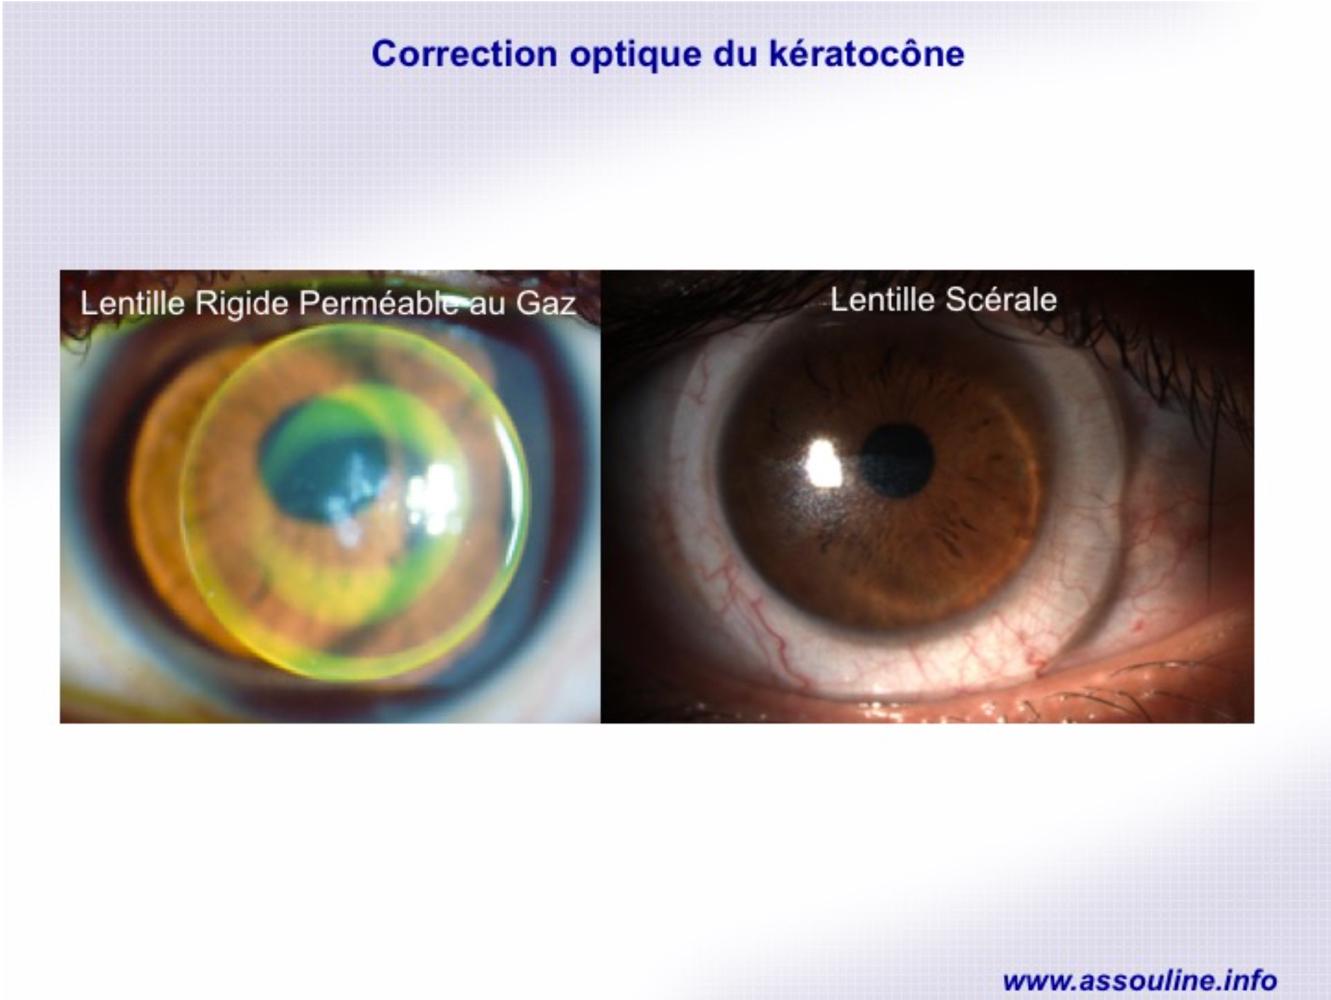 Correction optique du kératocône